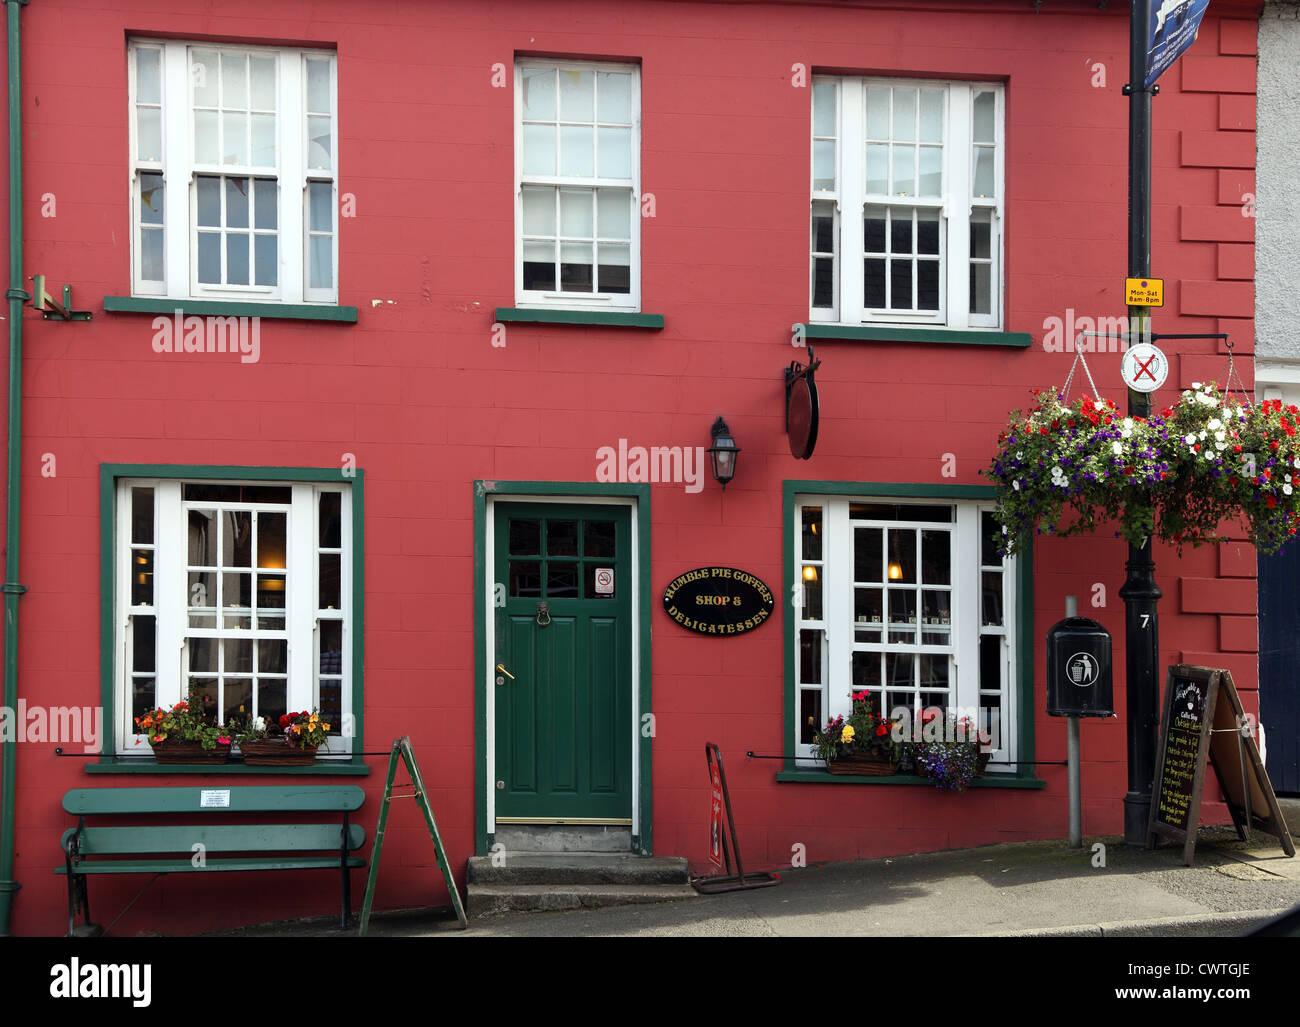 Tarta humilde cafetería y tienda de delicatessen, Main St, Hillsborough, Co., Ulster, Irlanda del Norte Imagen De Stock